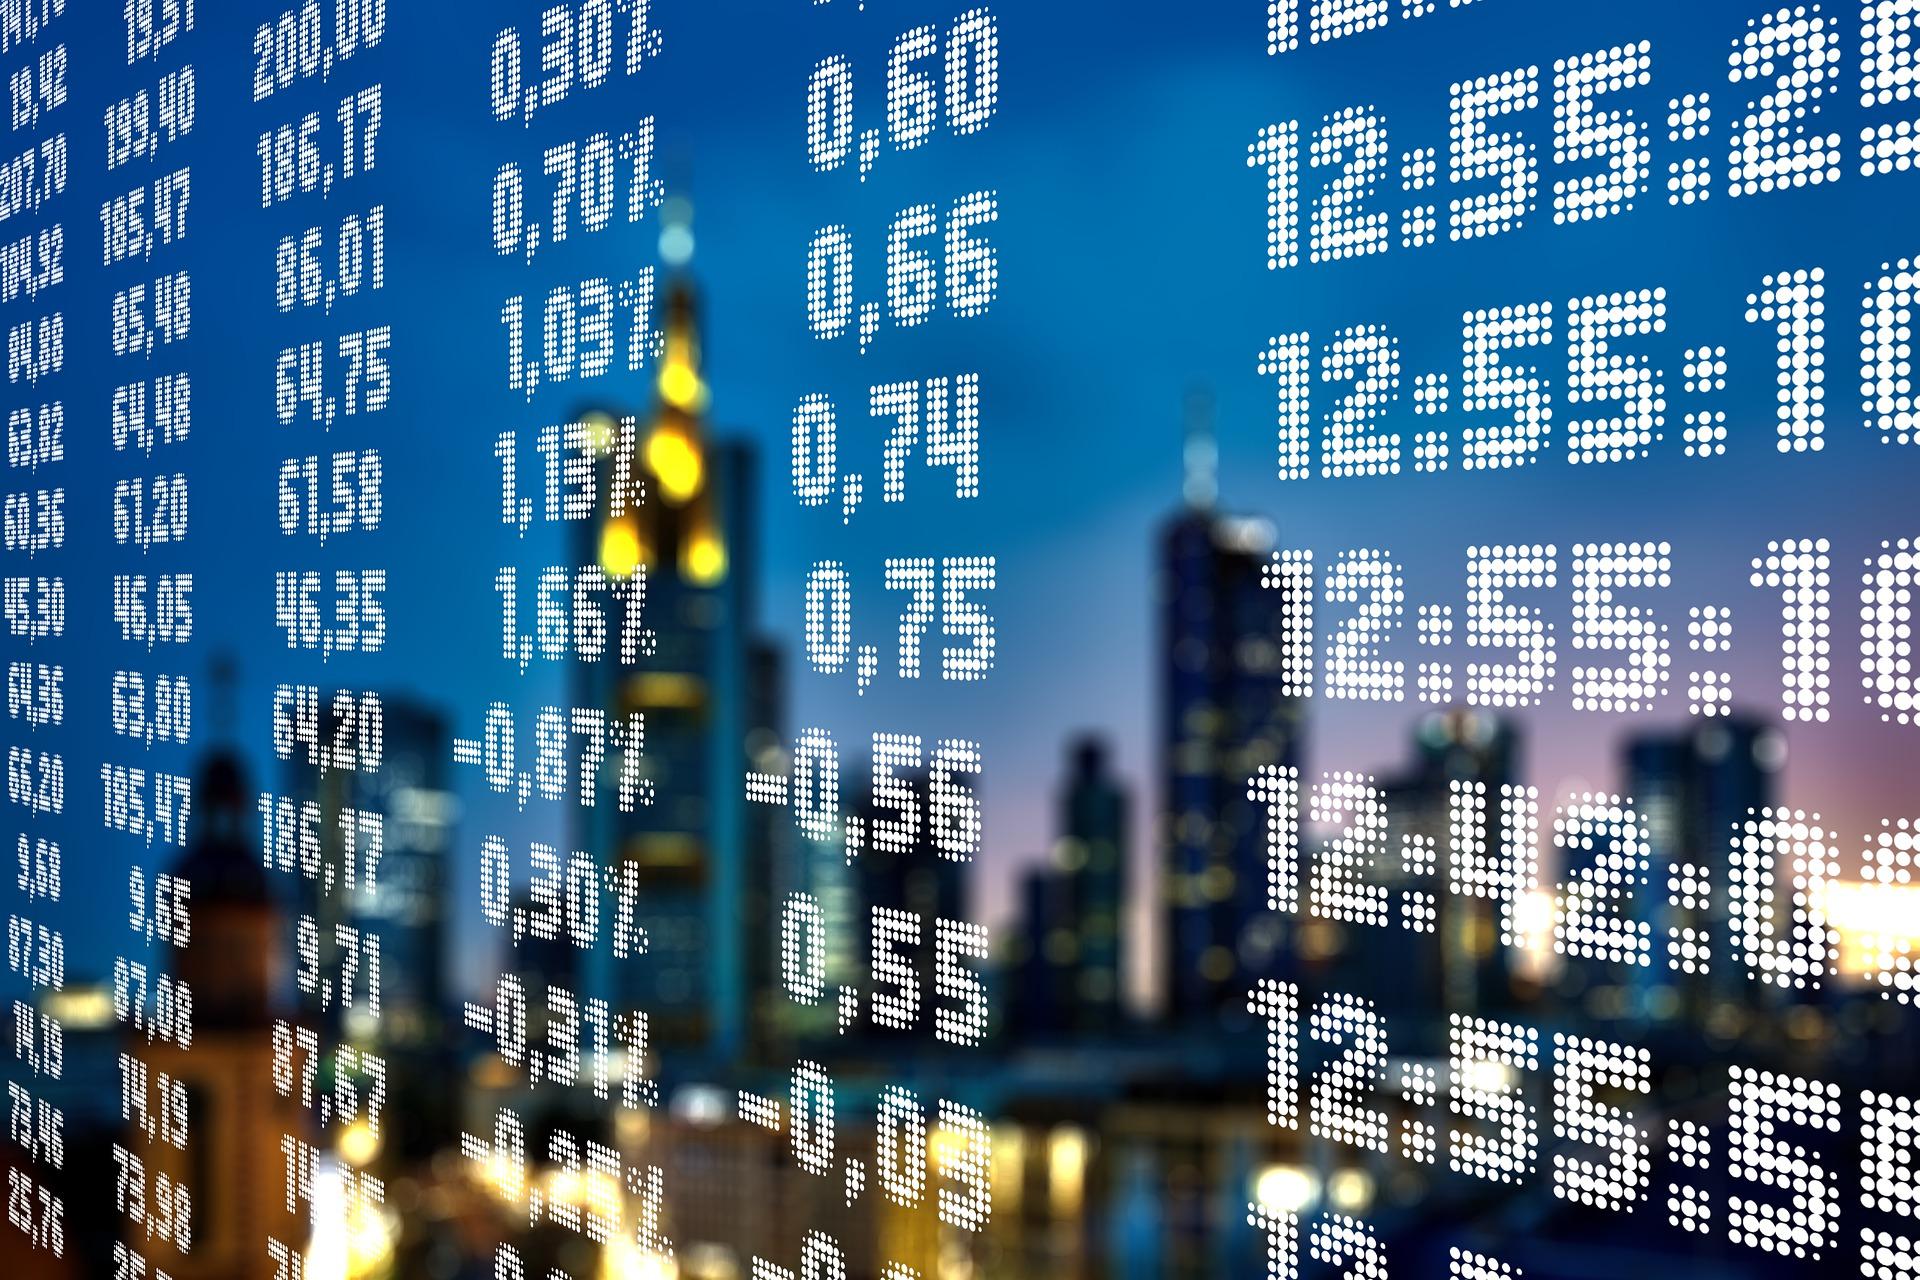 stock-exchange-4785080_1920